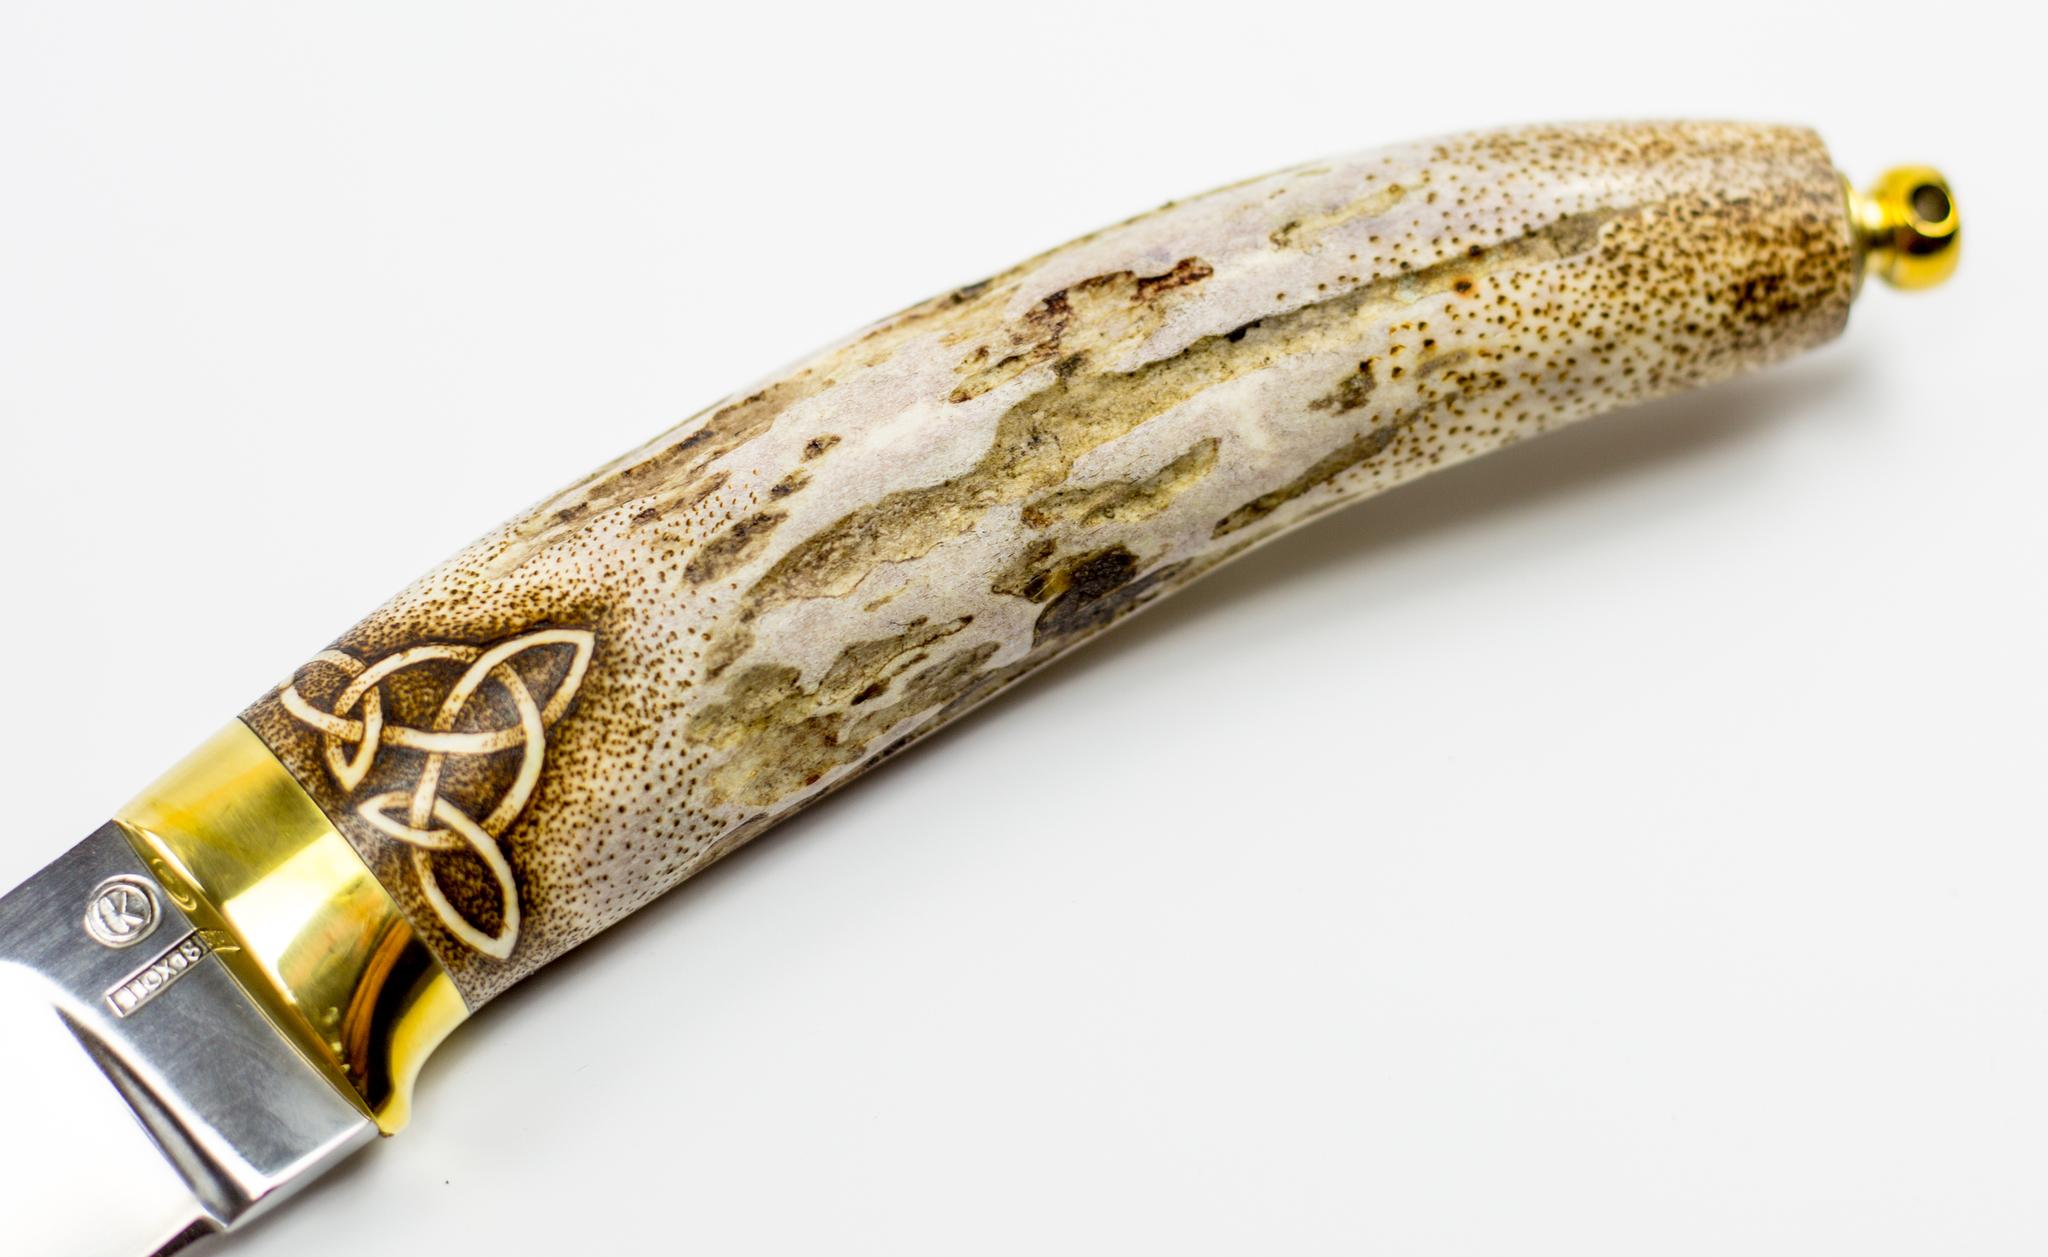 Фото 13 - Нож Грибник, сталь 110Х18, рукоять рог от Ножи Крутова